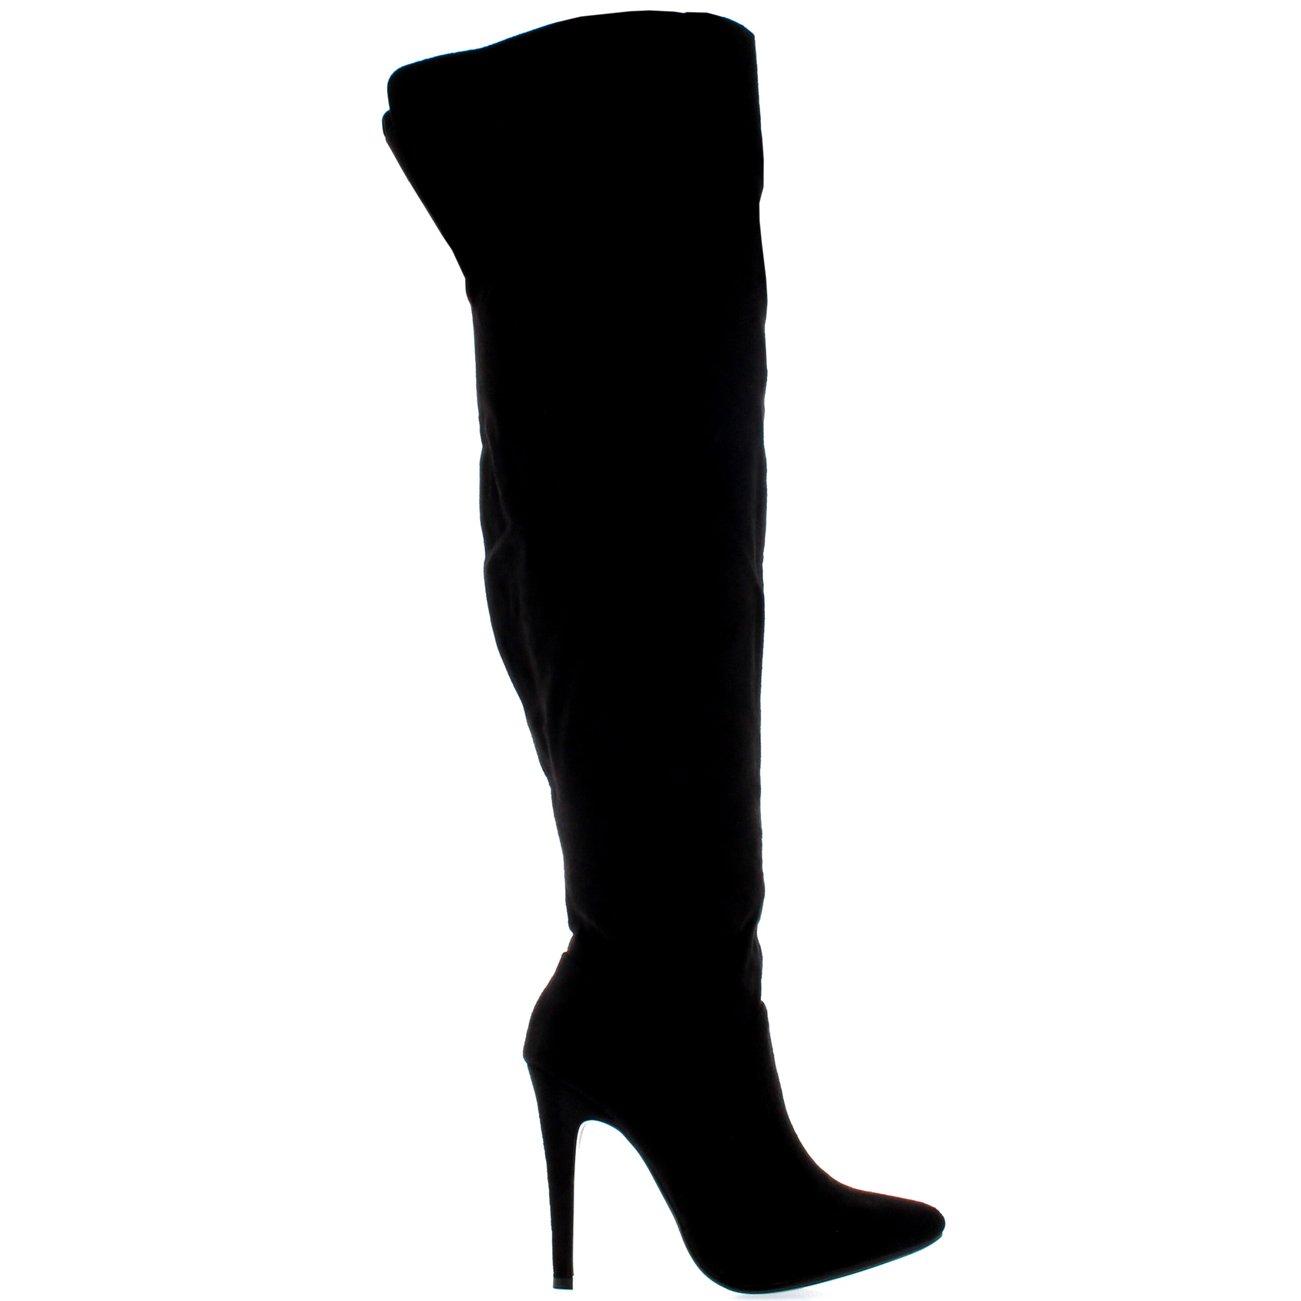 2ce8799180b Viva Womens Thigh High Platform Stretch High Heels Evening High Heels Boots